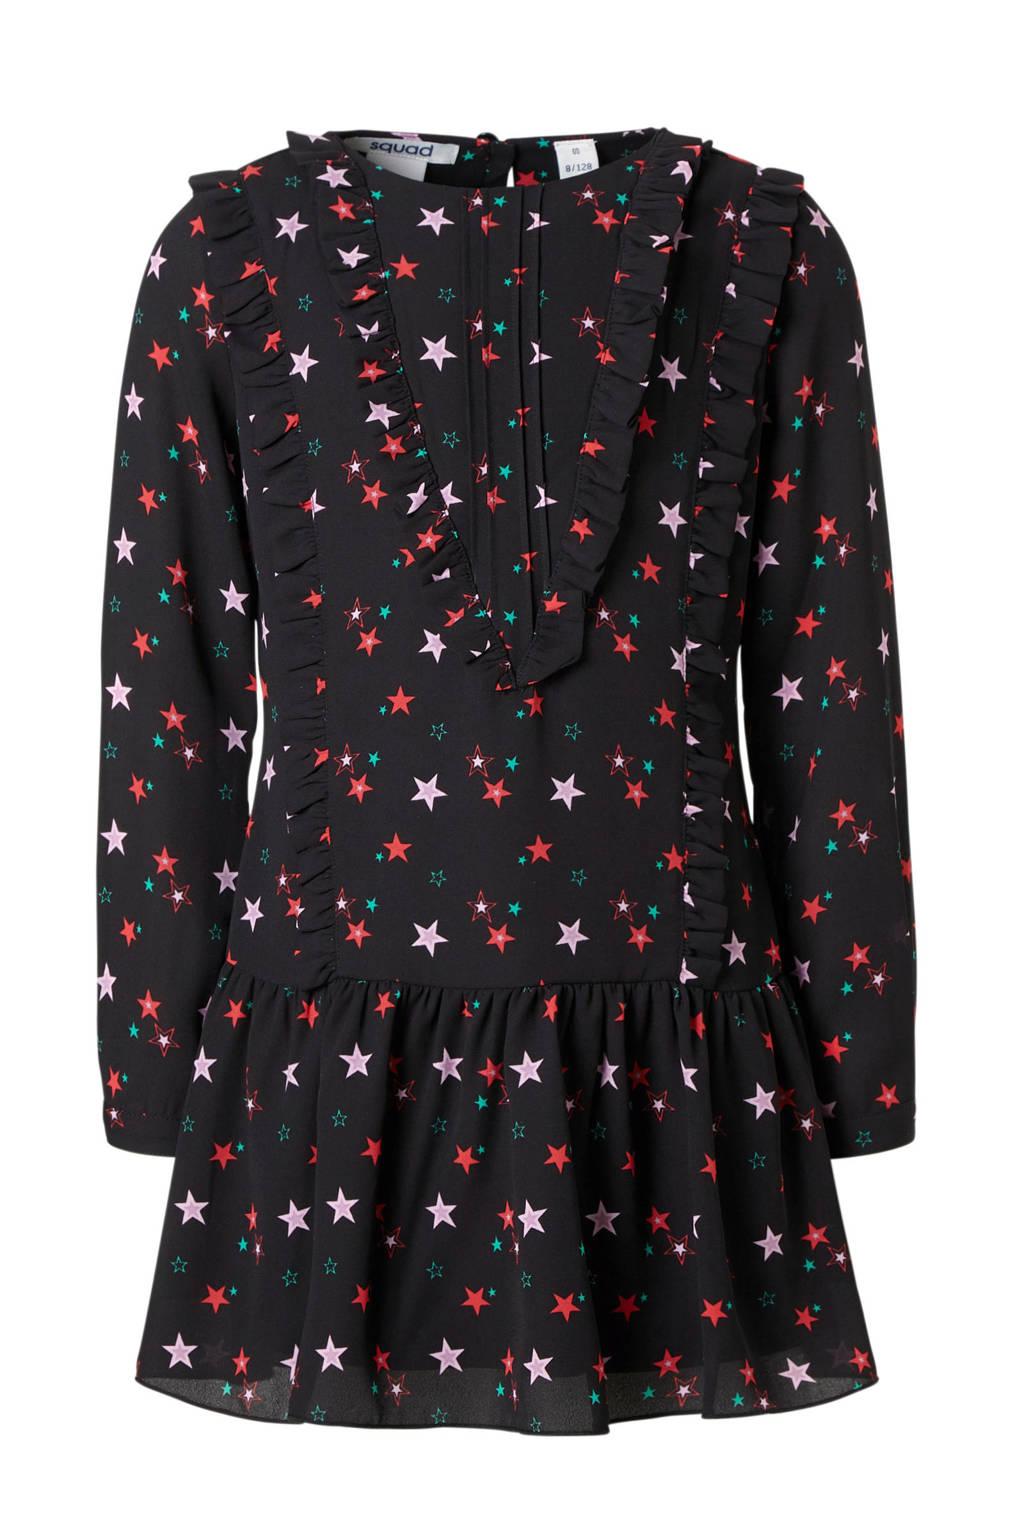 NIK&NIK jurk met volant en sterren zwart, Zwart/rood/lila